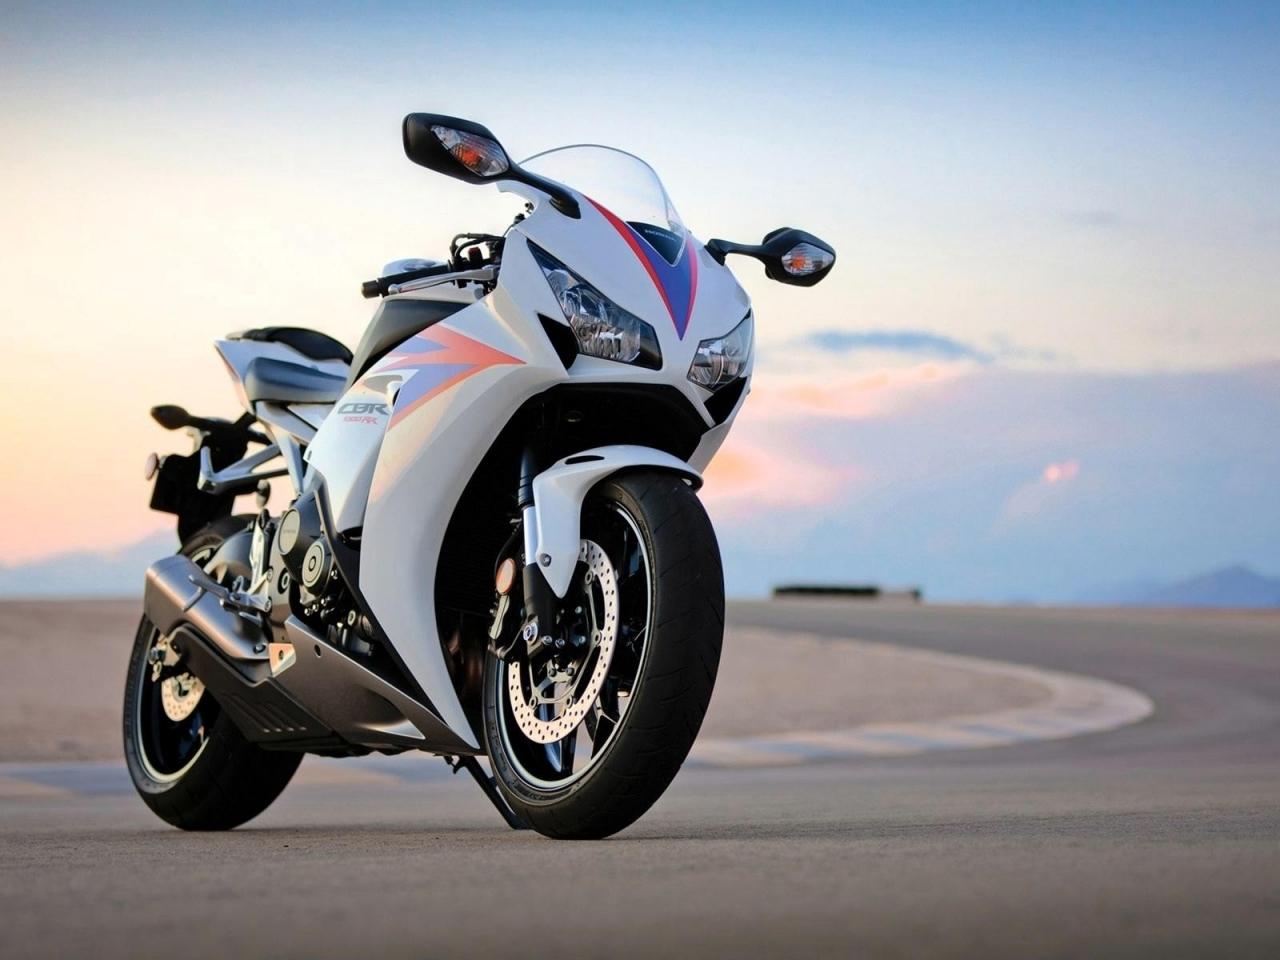 Honda CBR1000RR - 1280x960